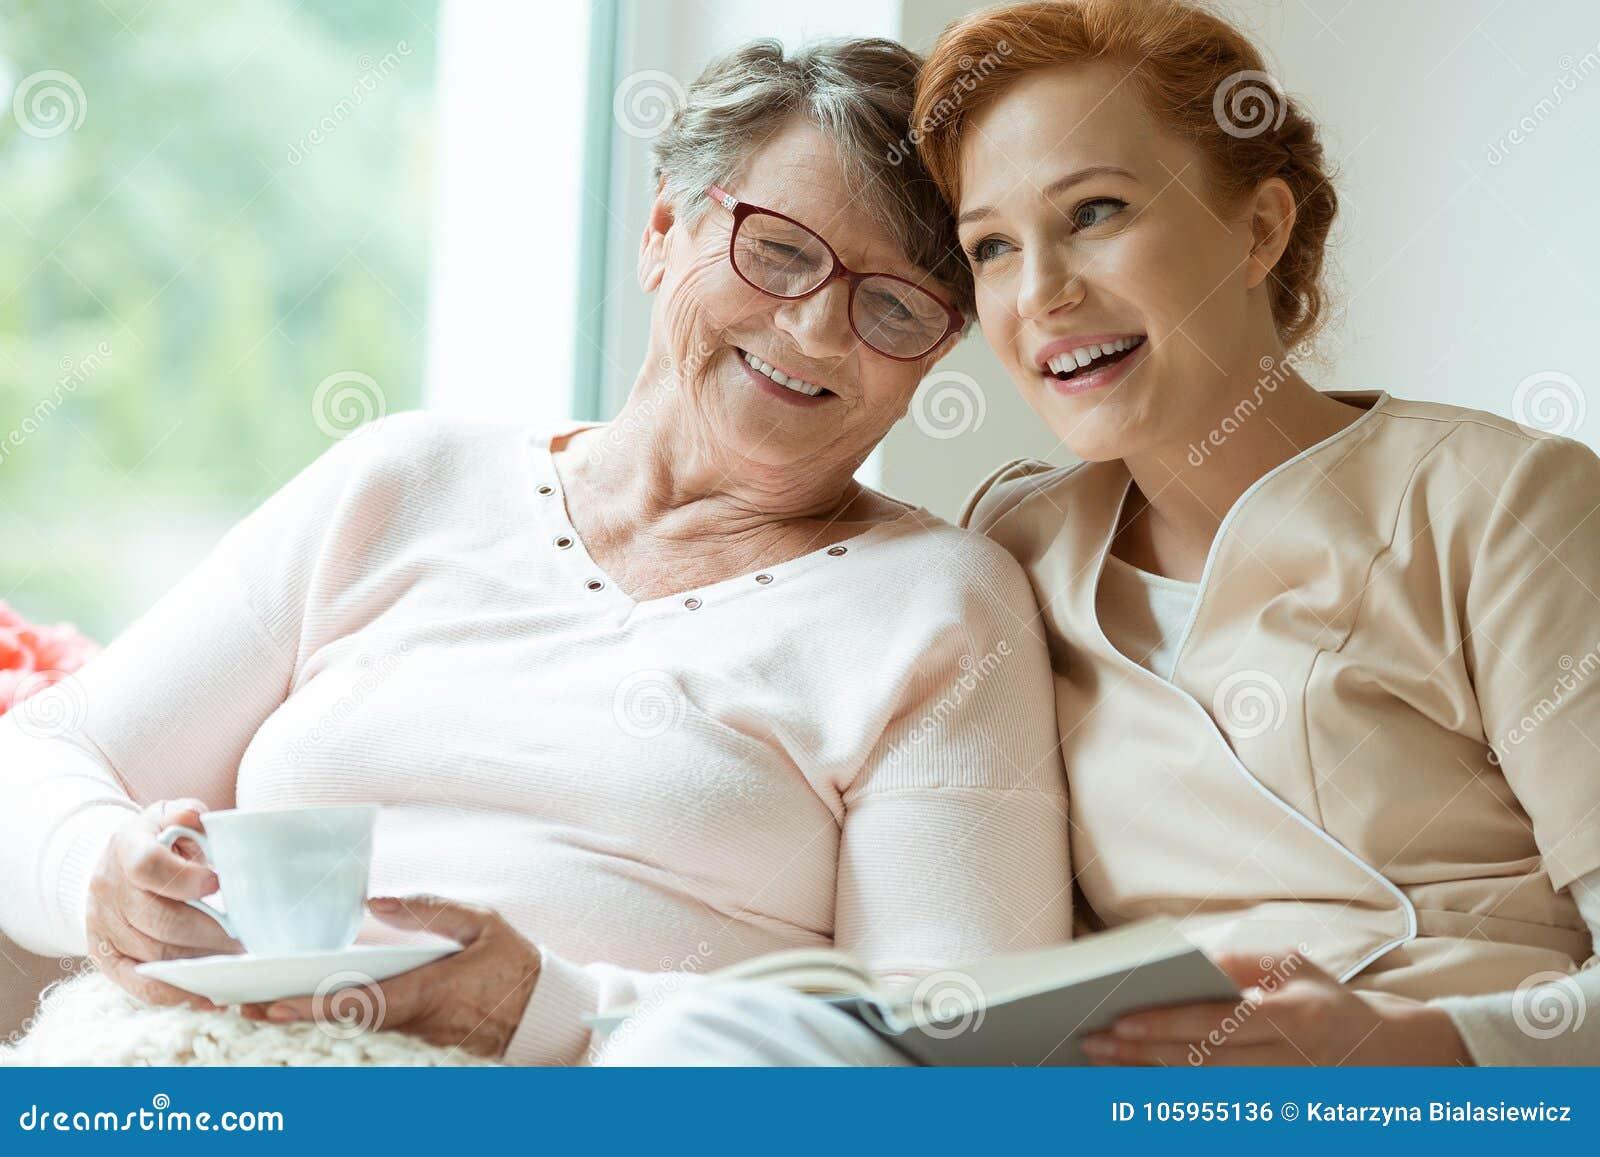 年轻人护士和长辈患者